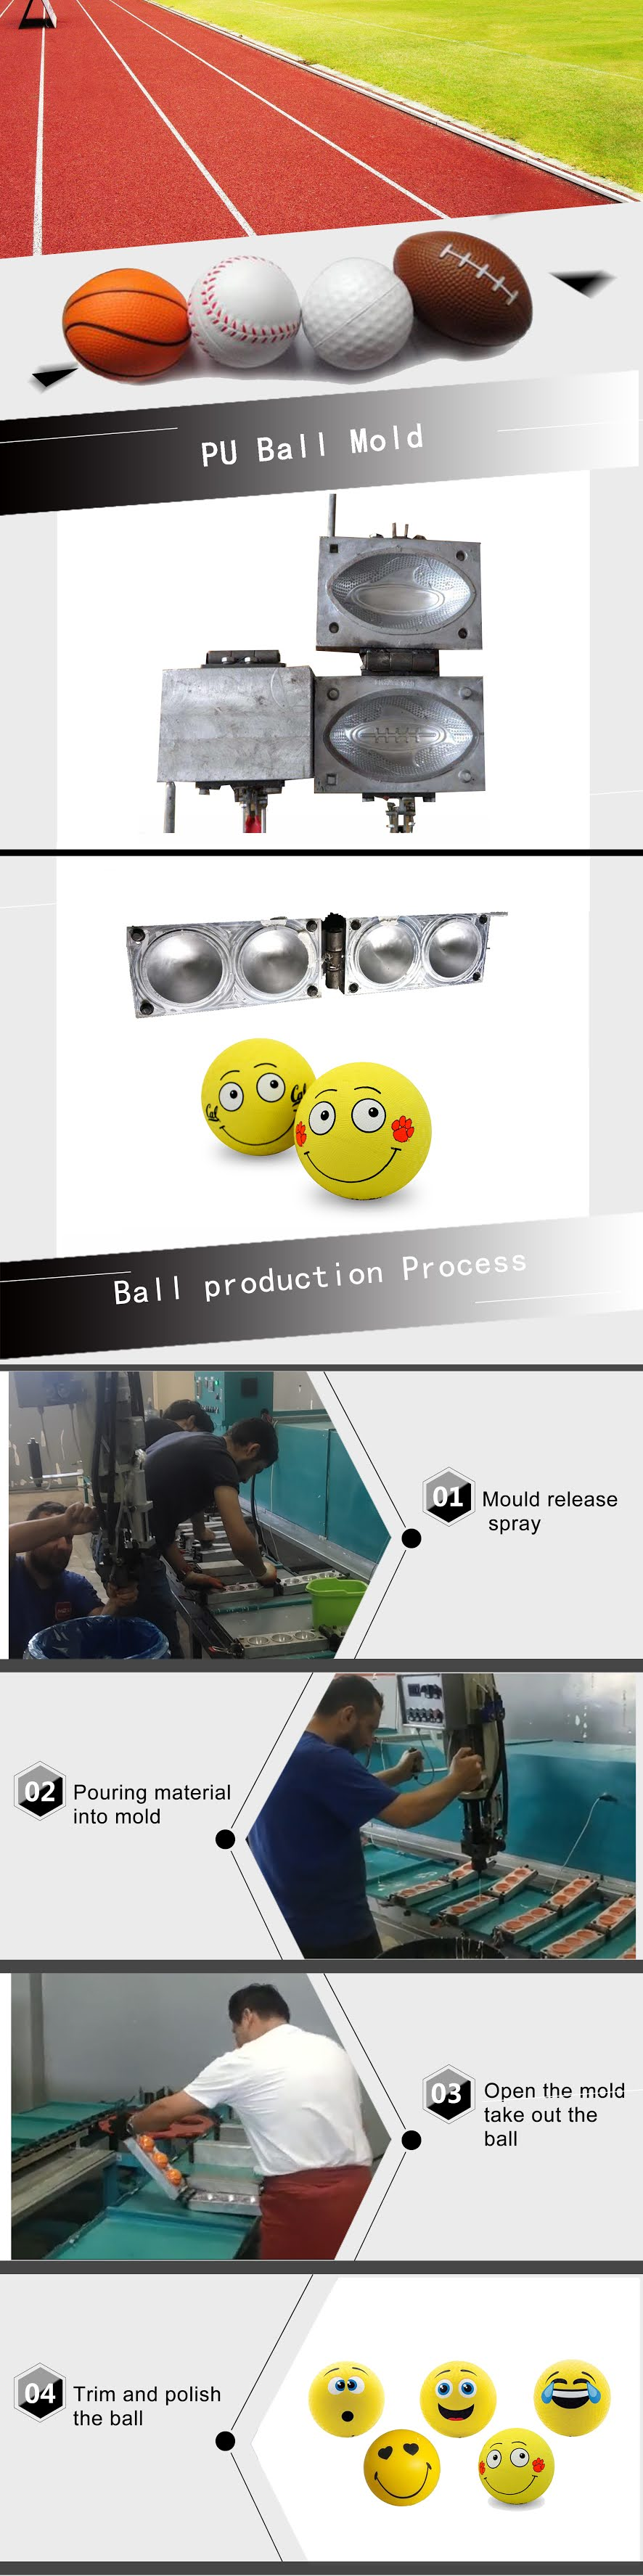 baseball pu ball making process